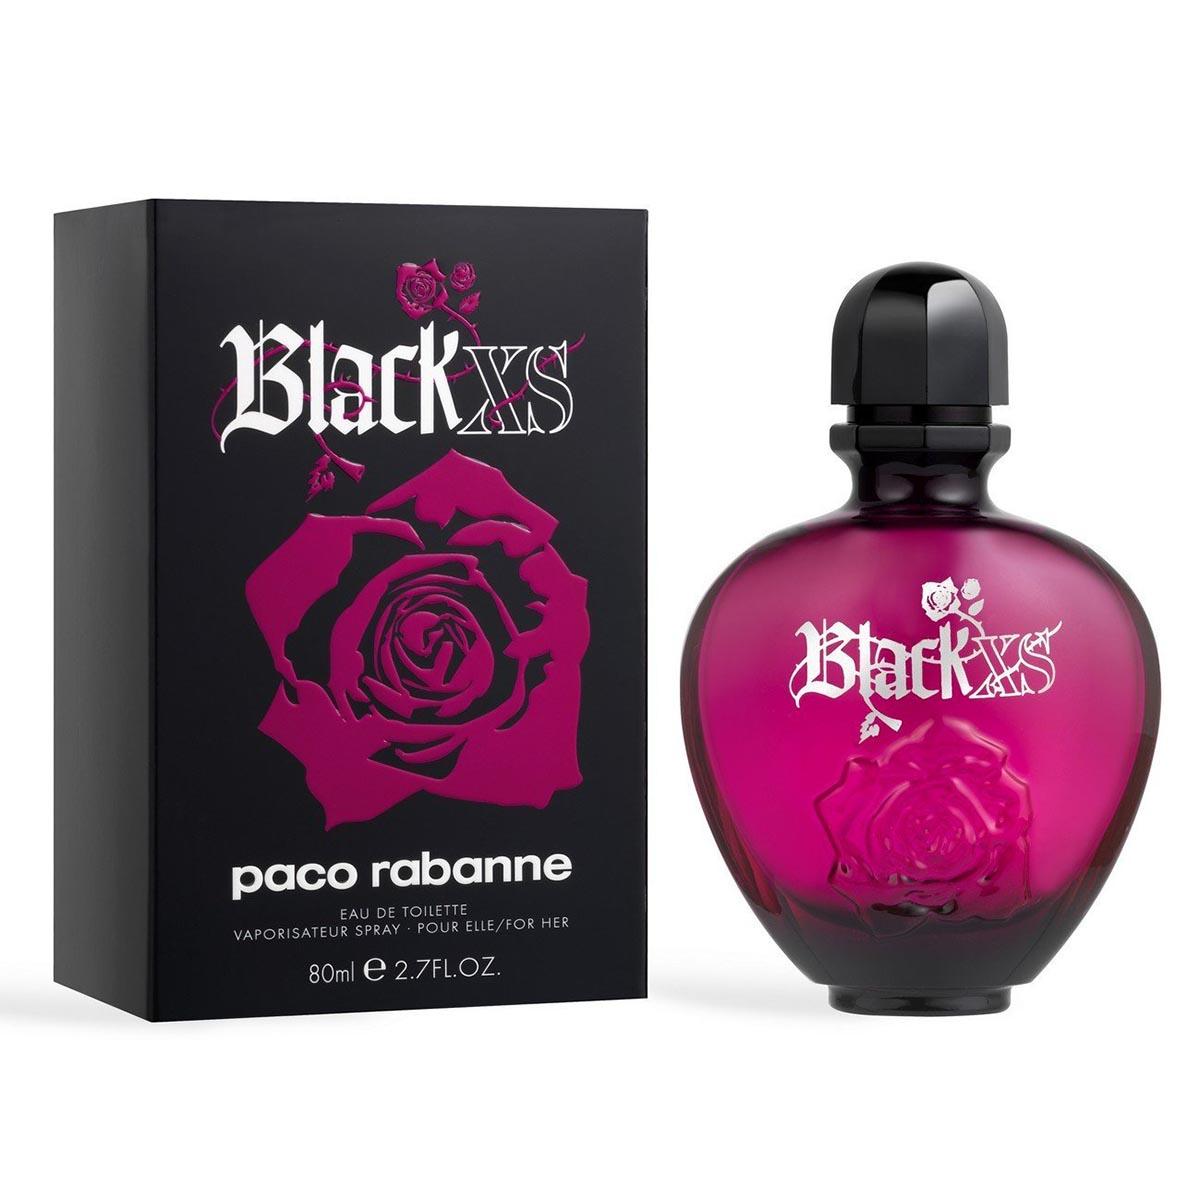 Paco rabanne black xs eau de parfum 80ml vaporizador